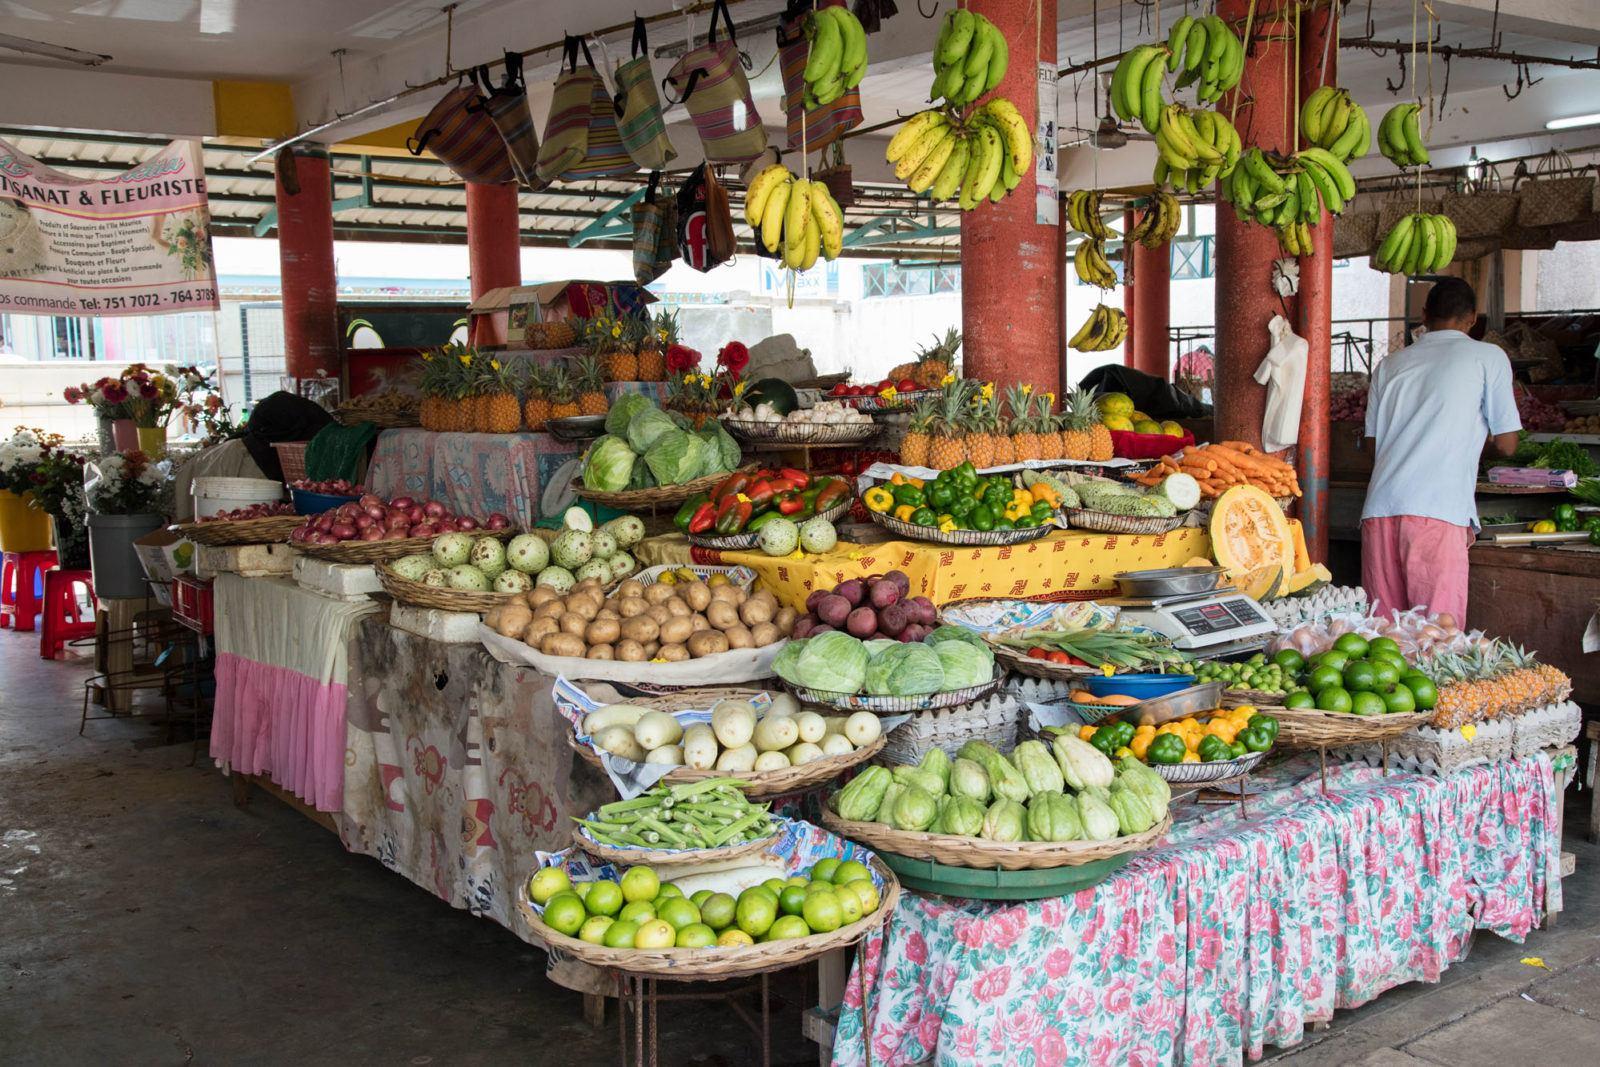 Стенд с фруктами и овощами на рынке Маебург. Чем заняться на Маврикии Чем заняться на Маврикии – Путешествие к звезде и ключу Индийского океана Mahebourg Market Mauritius 1 1600x1067